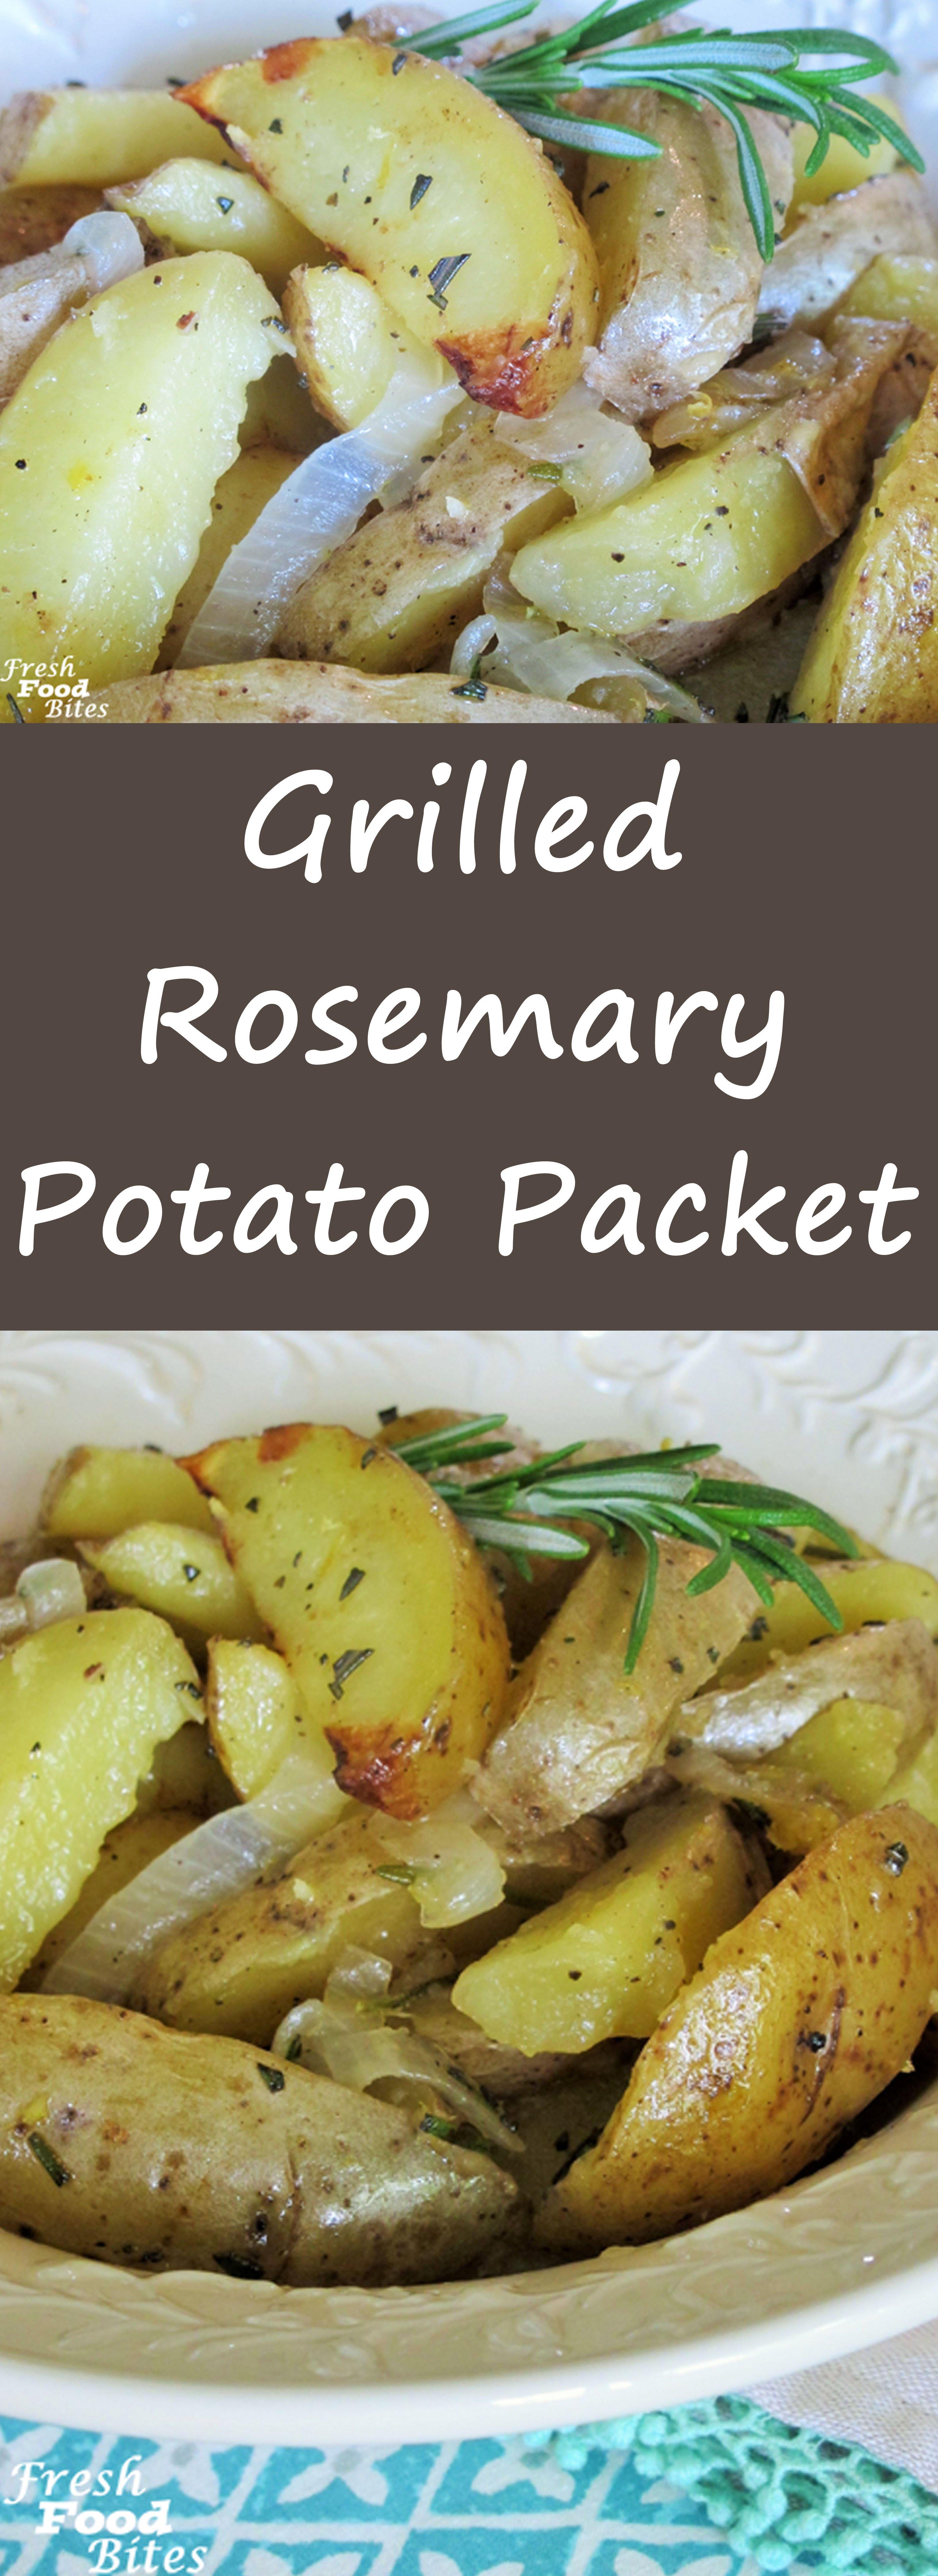 Rosemary Potato Packet